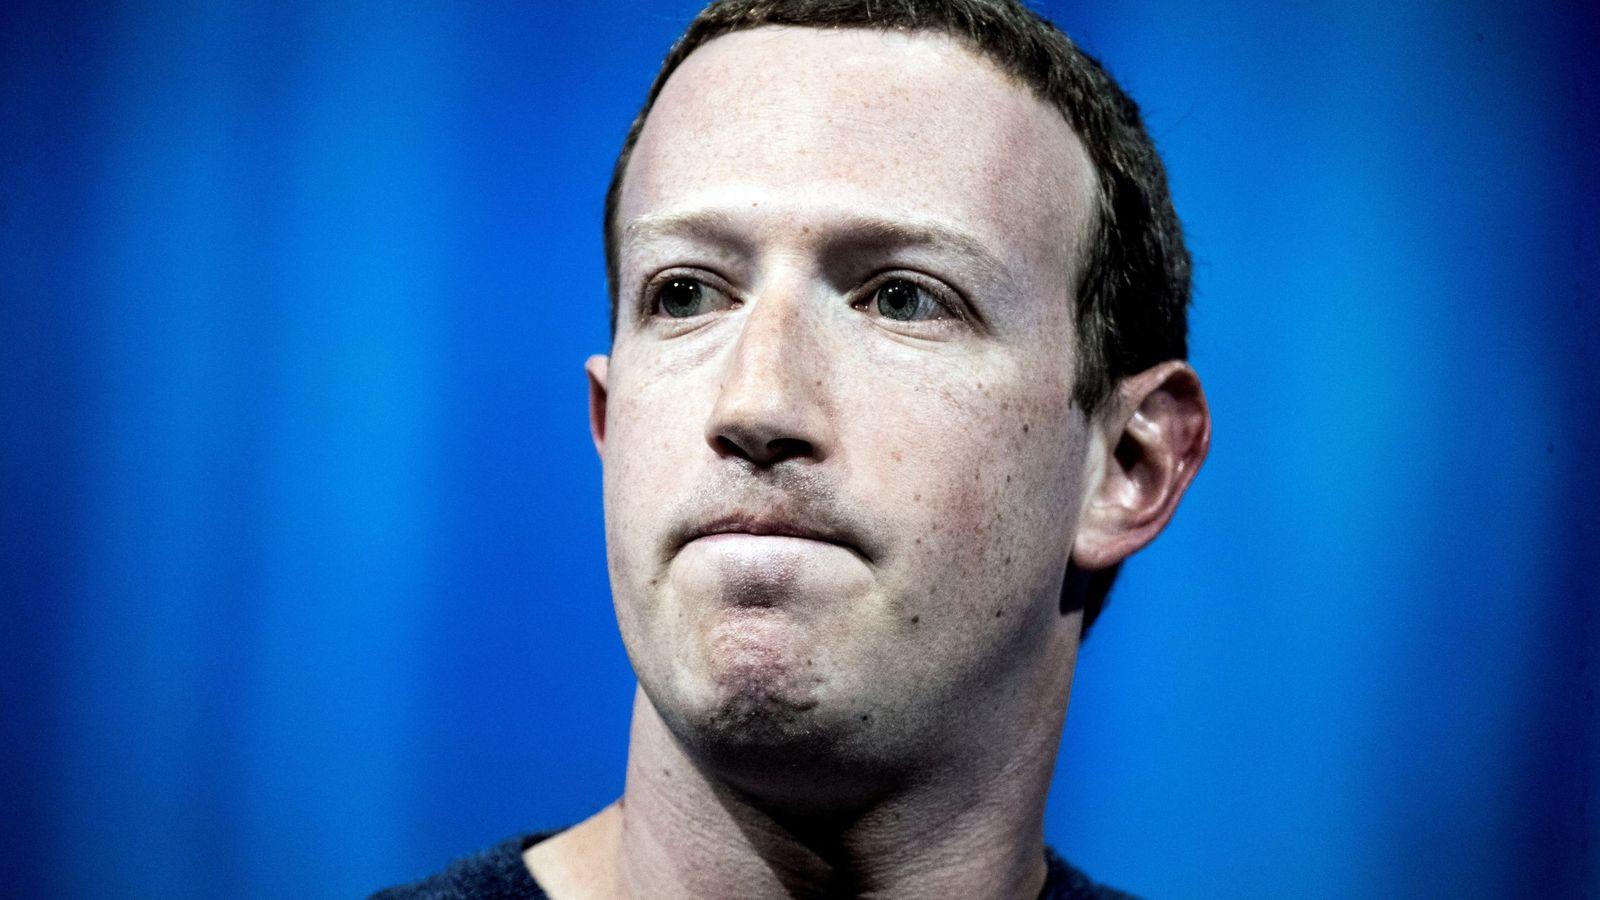 Foto: Mark Zuckerberg en la convención Vivatech 2018 en parís. (Efe/Etienne Laurent)